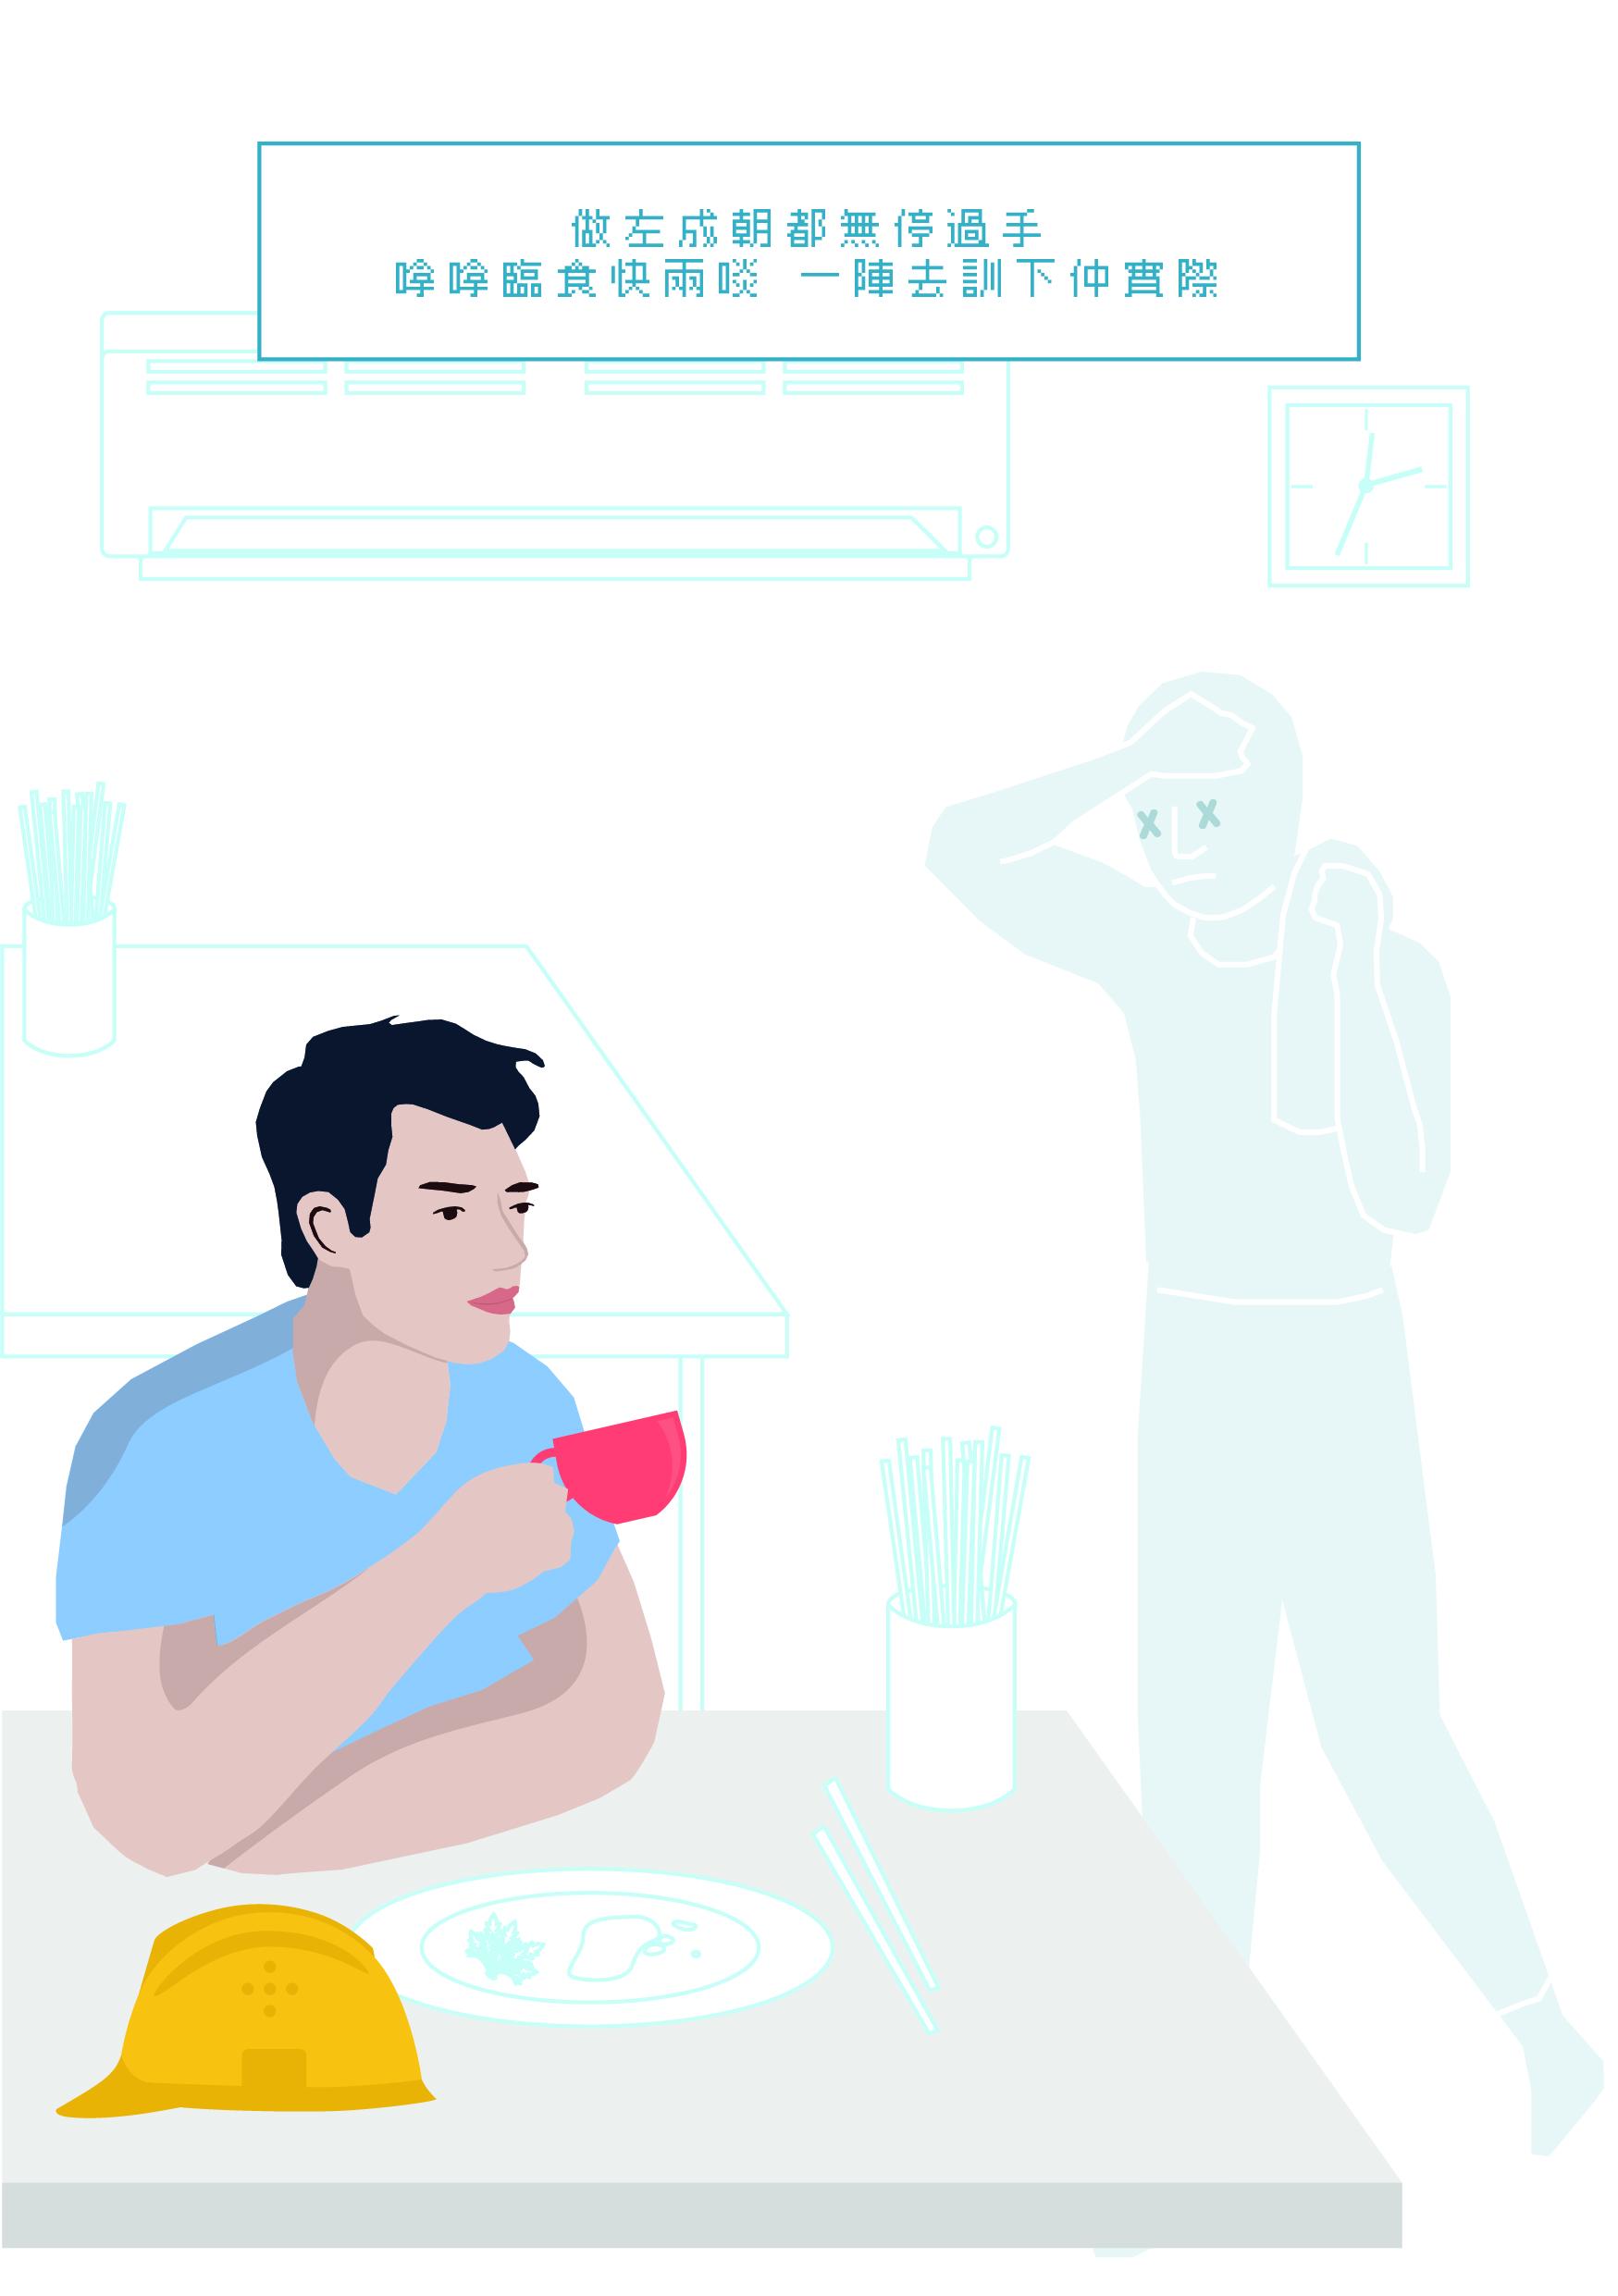 officeworker&construction worker-11.jpg